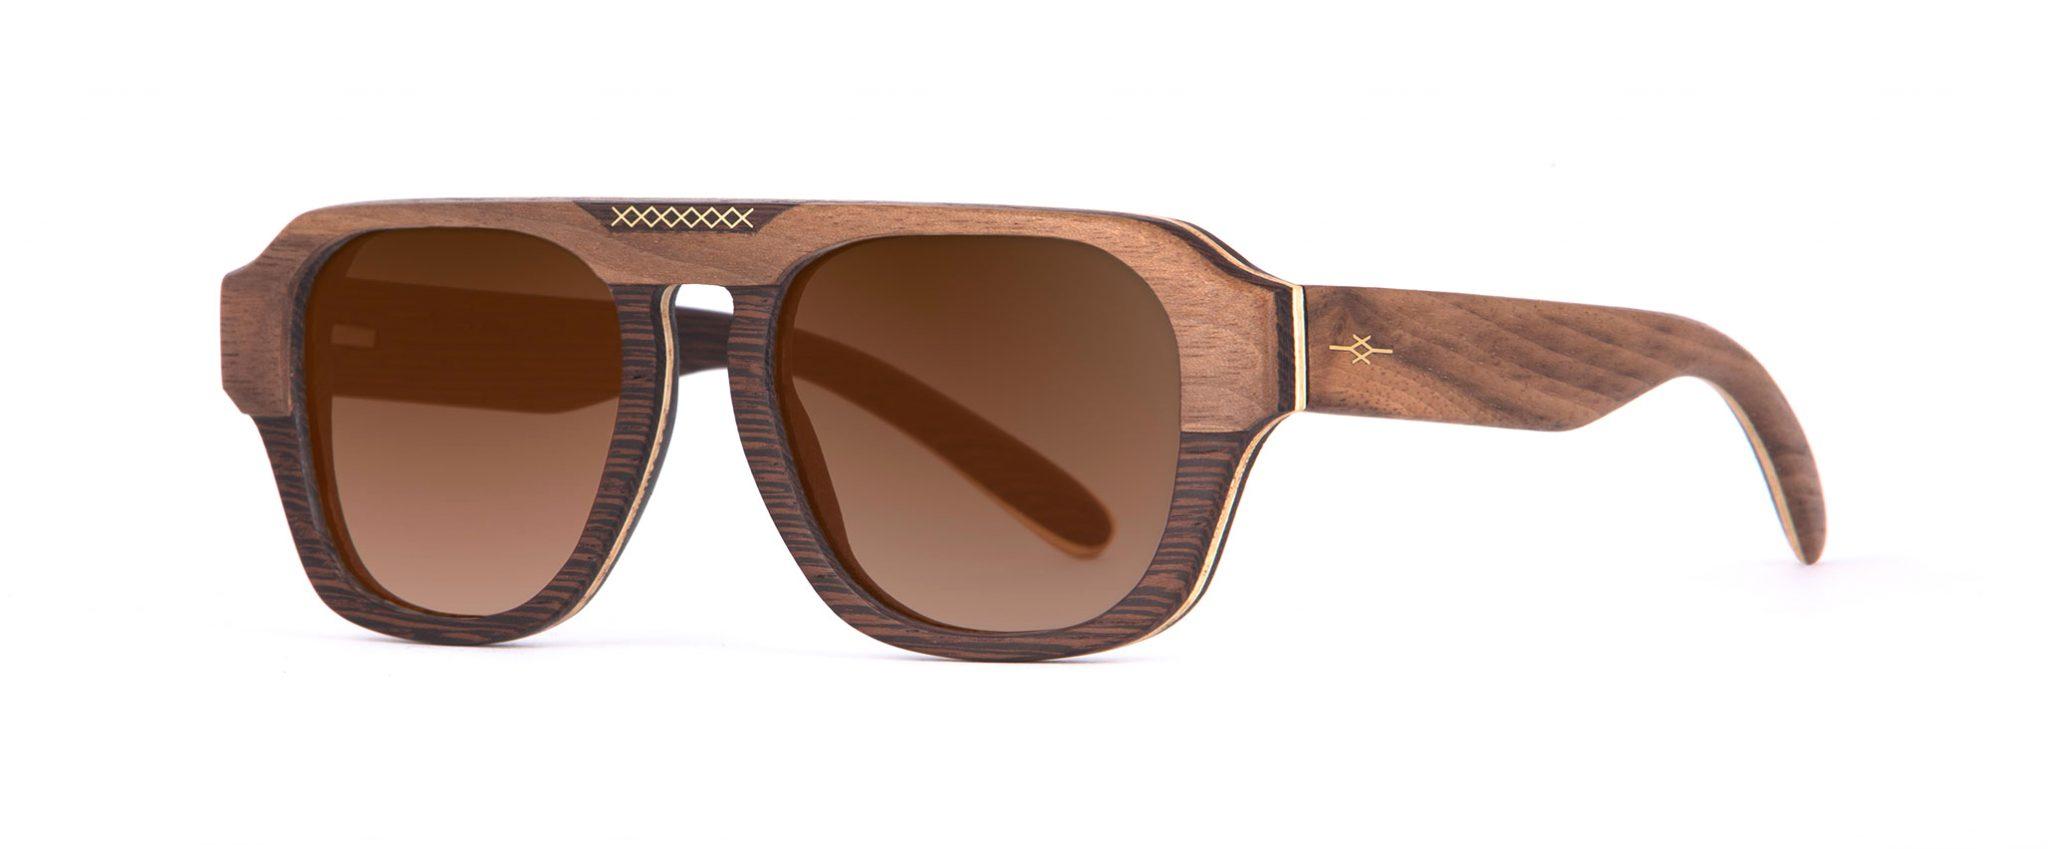 aberkane Unique Squared Designer Sunglasses VAKAY